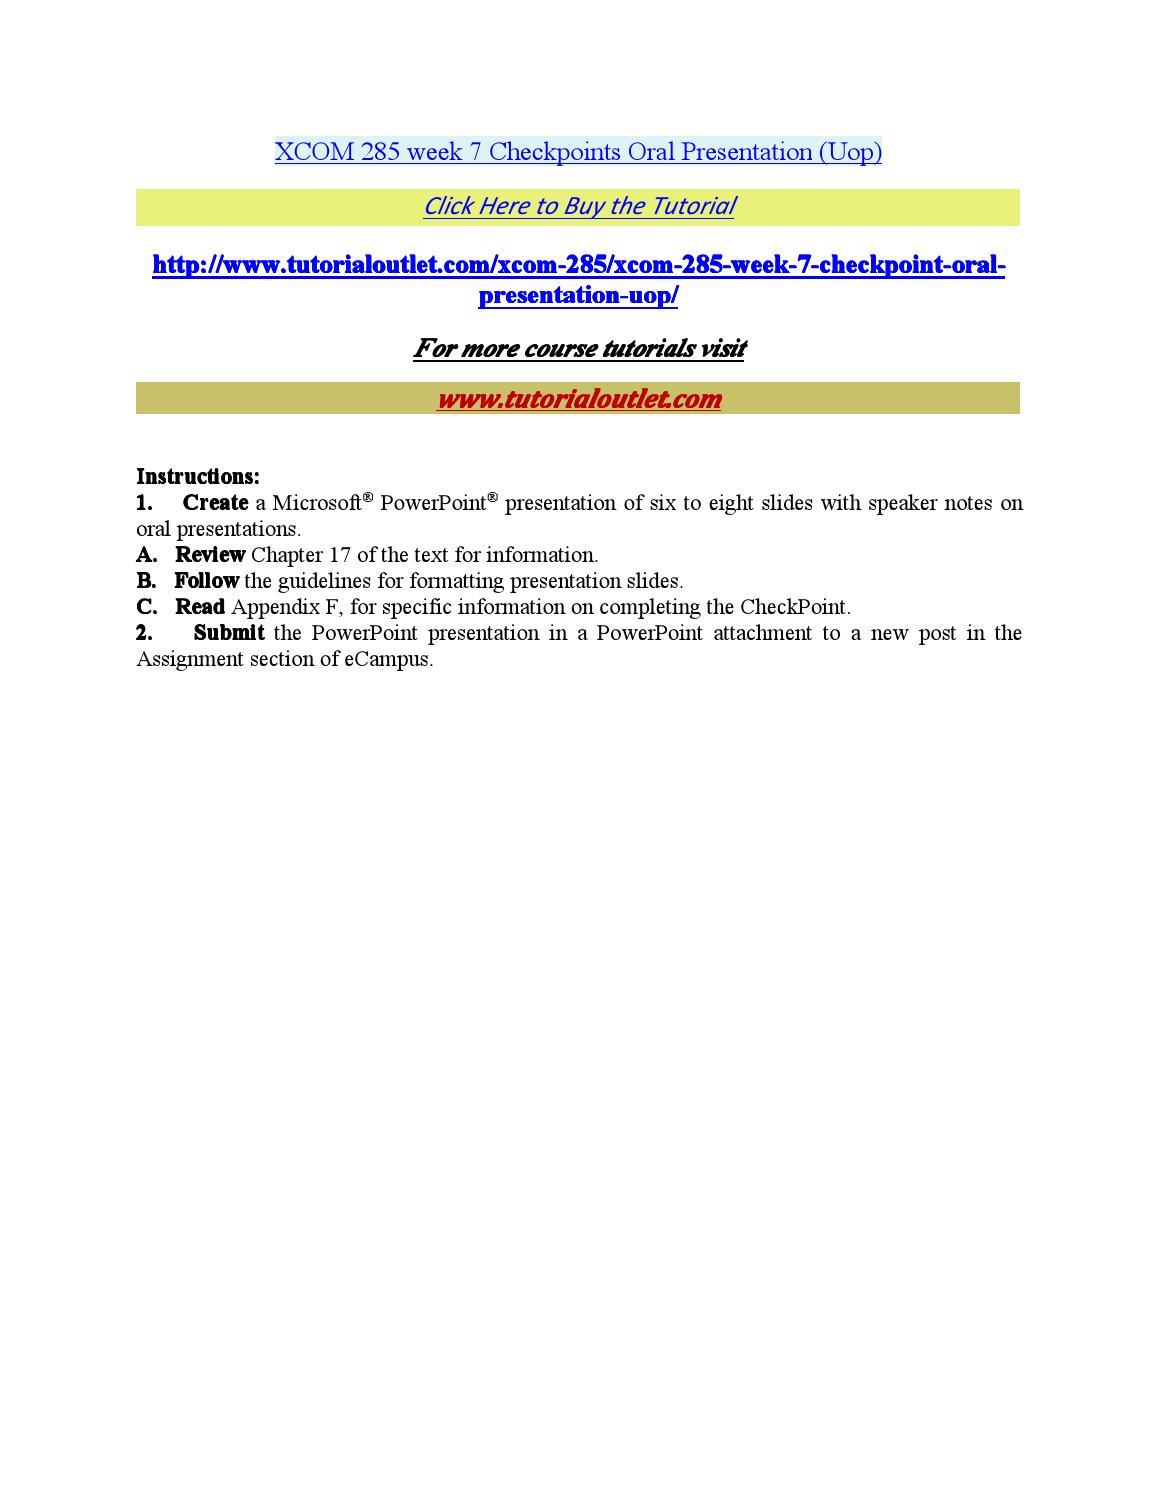 XCOM 285 Complete Course,UOP XCOM 285,UOP XCOM 285 Entire Class,UOP XCOM 285 Homework